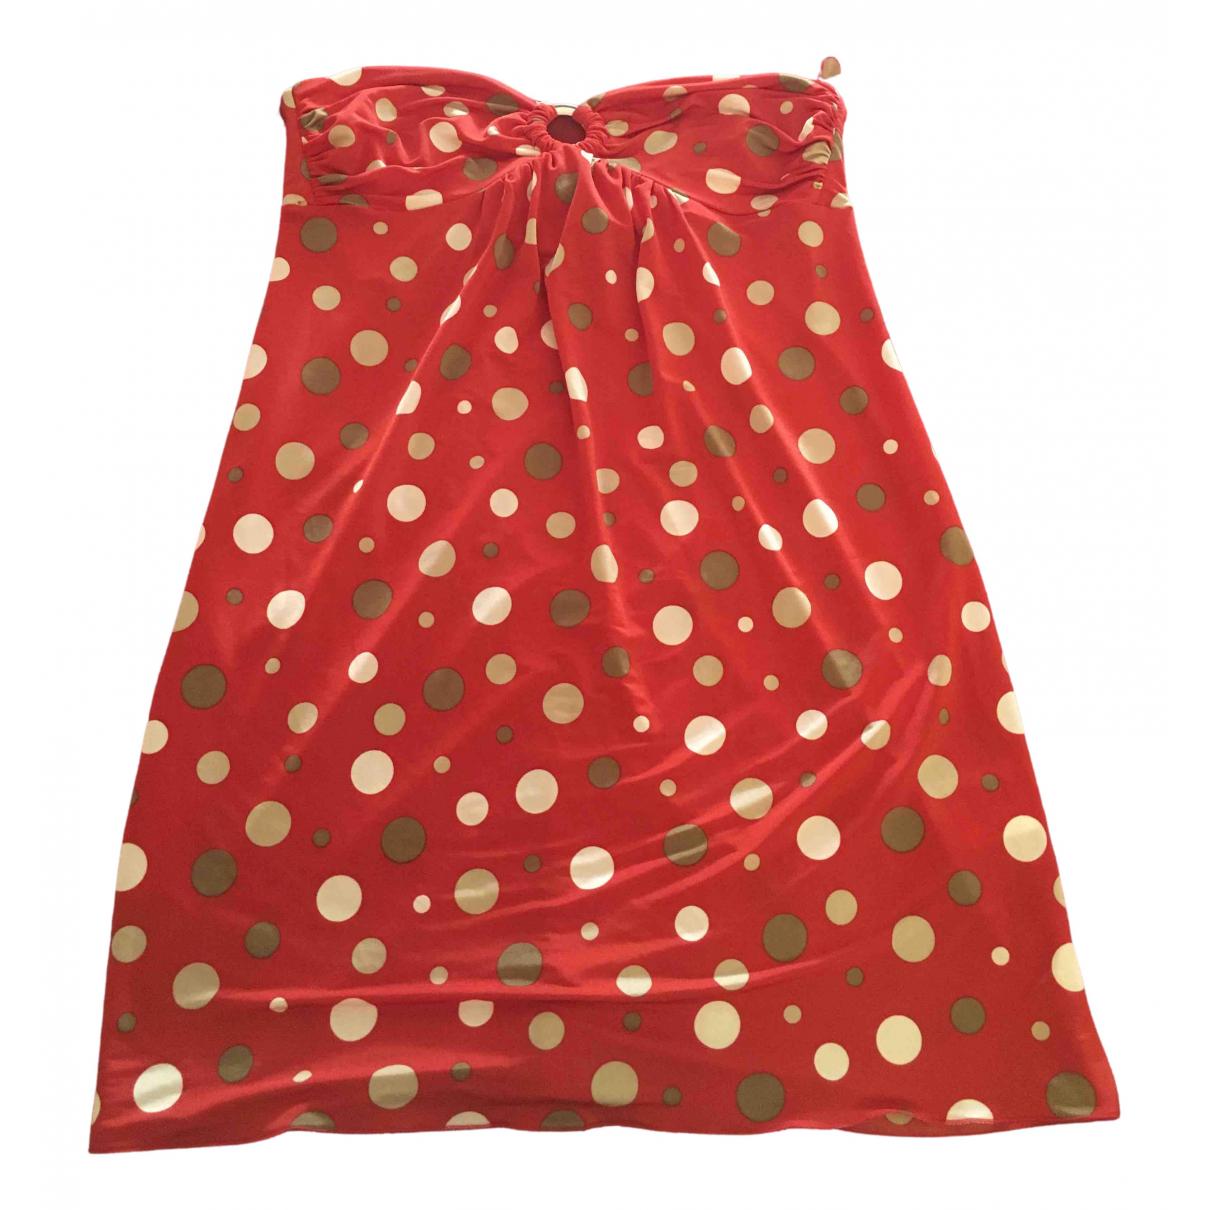 Sundek \N Orange dress for Women XL International